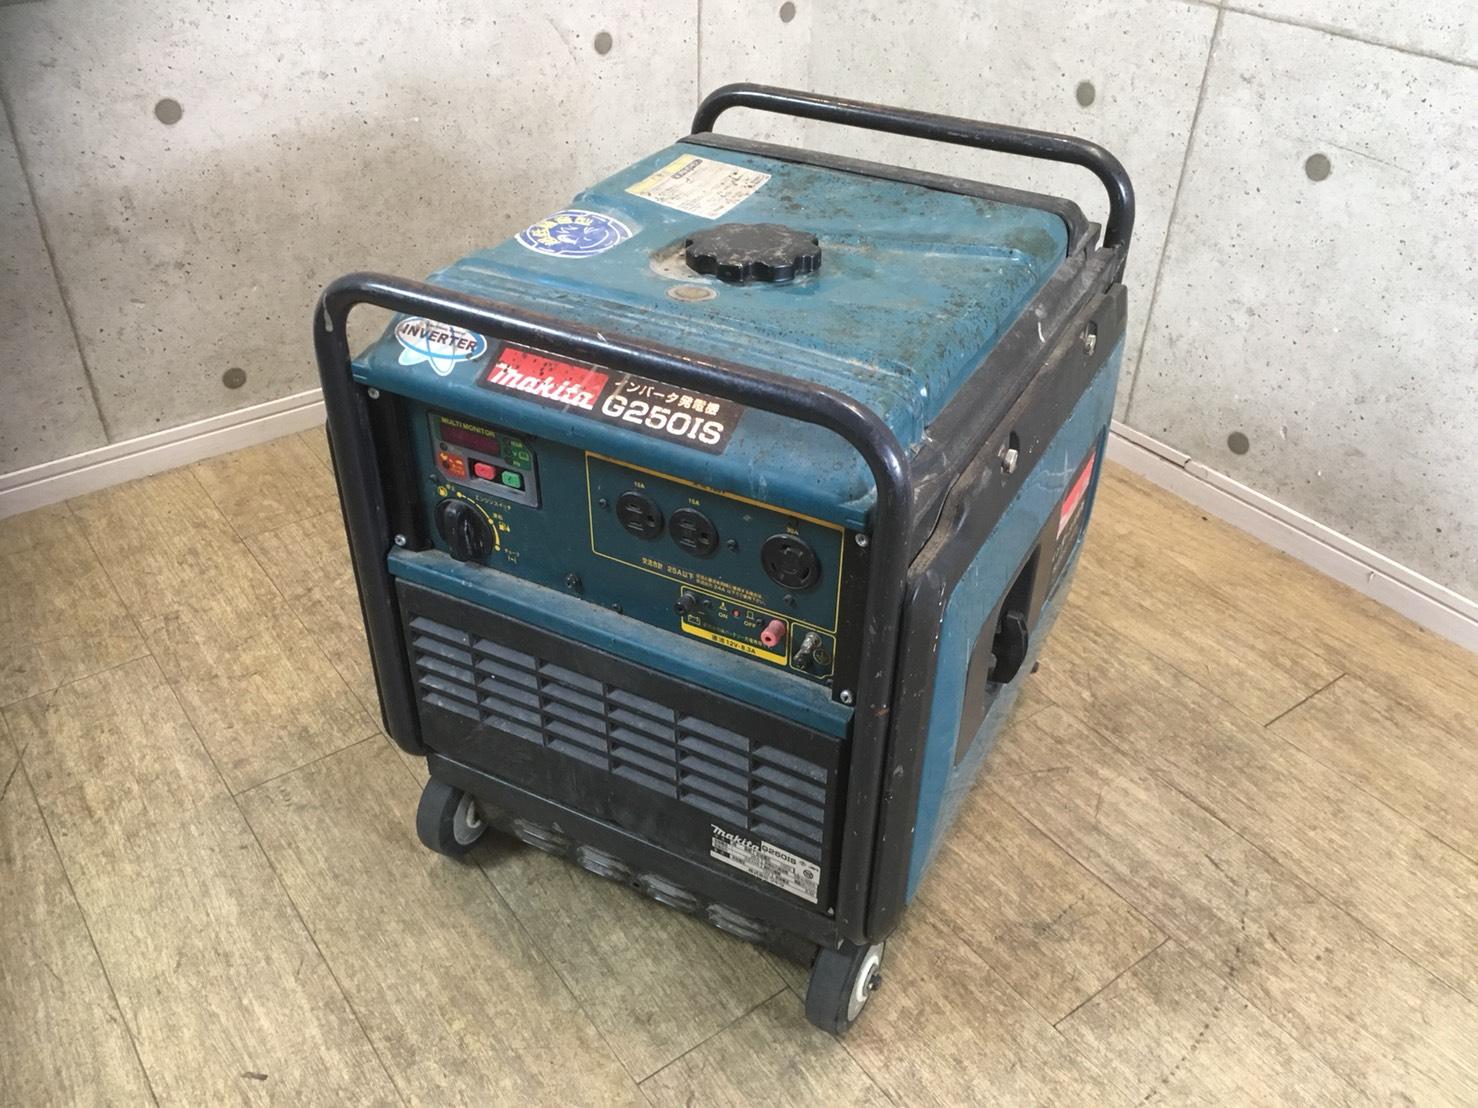 インバータ発電機 マキタ G250IS